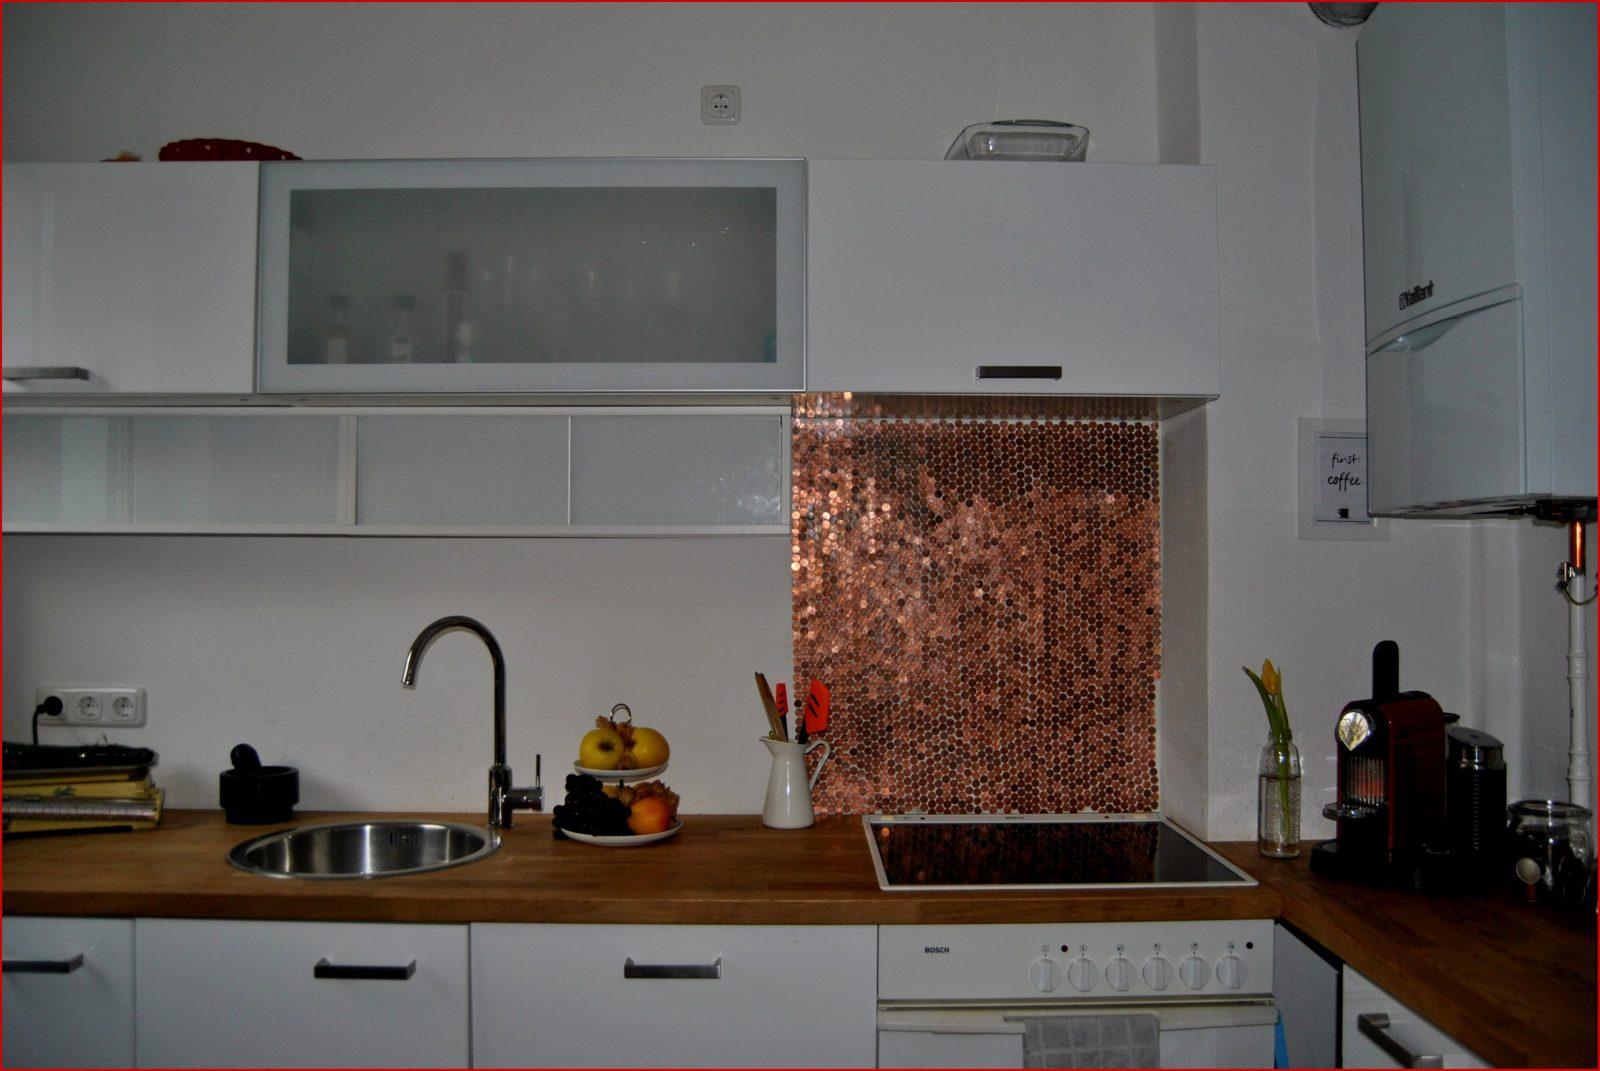 Wandblende Küche 369224 Spritzschutz Glas Küche Schön von Spritzschutz Küche Plexiglas Selber Machen Bild